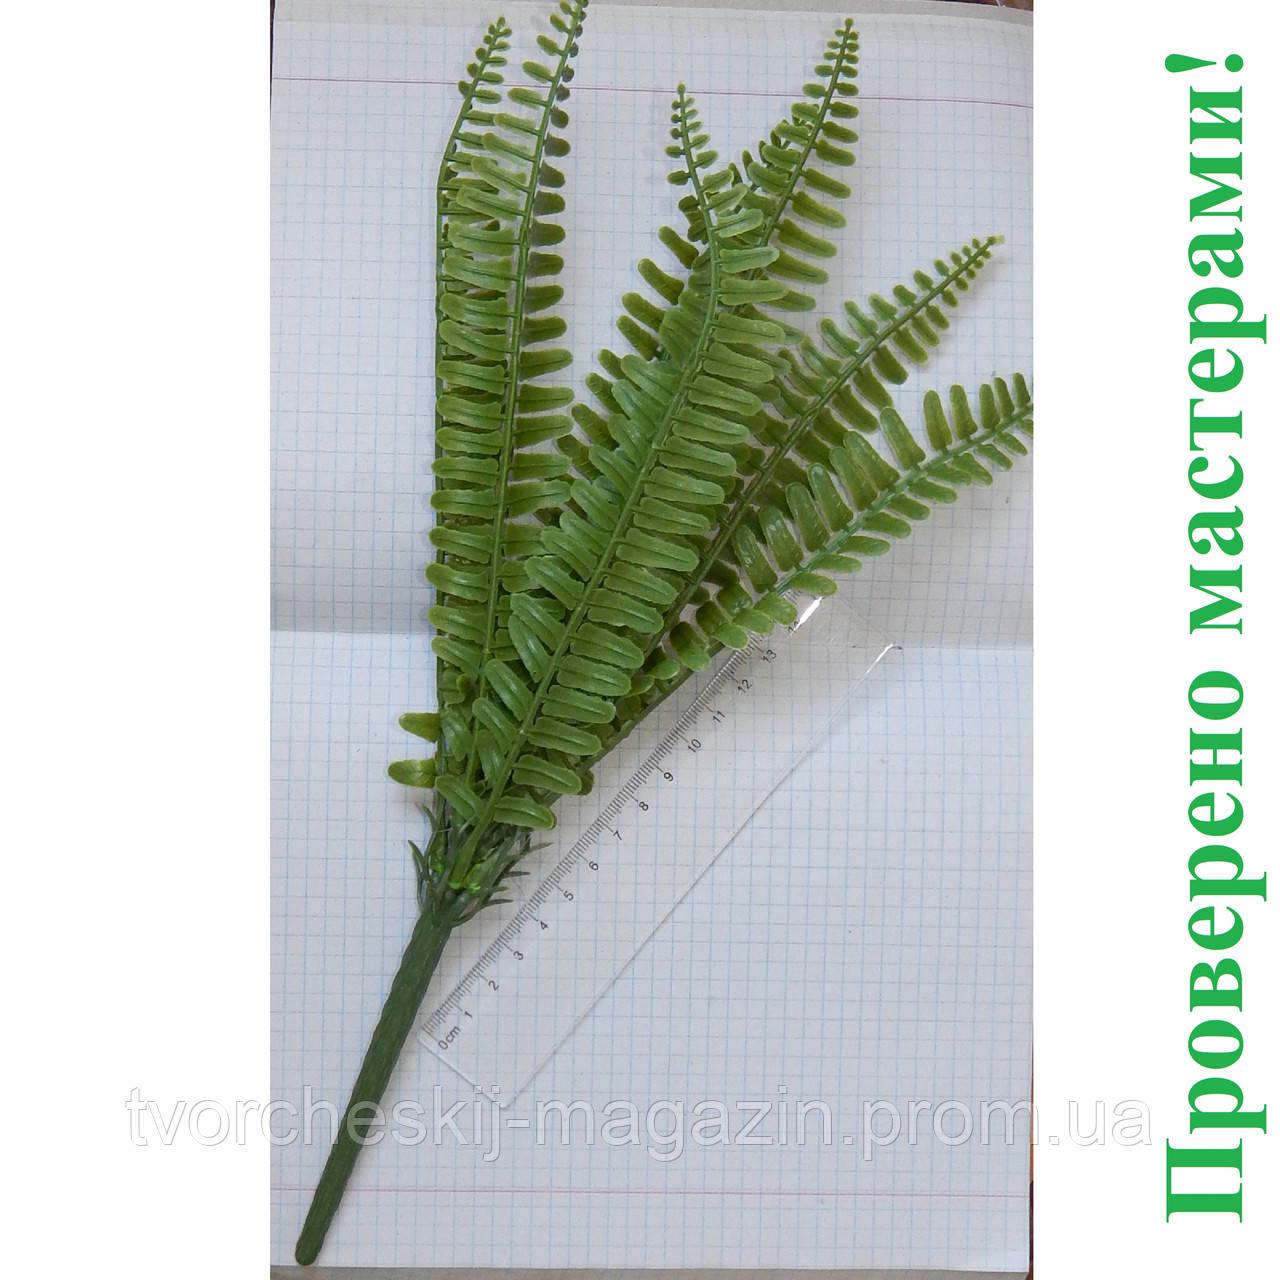 Зелень для декора пластиковая, букетик 33 см, папоротник